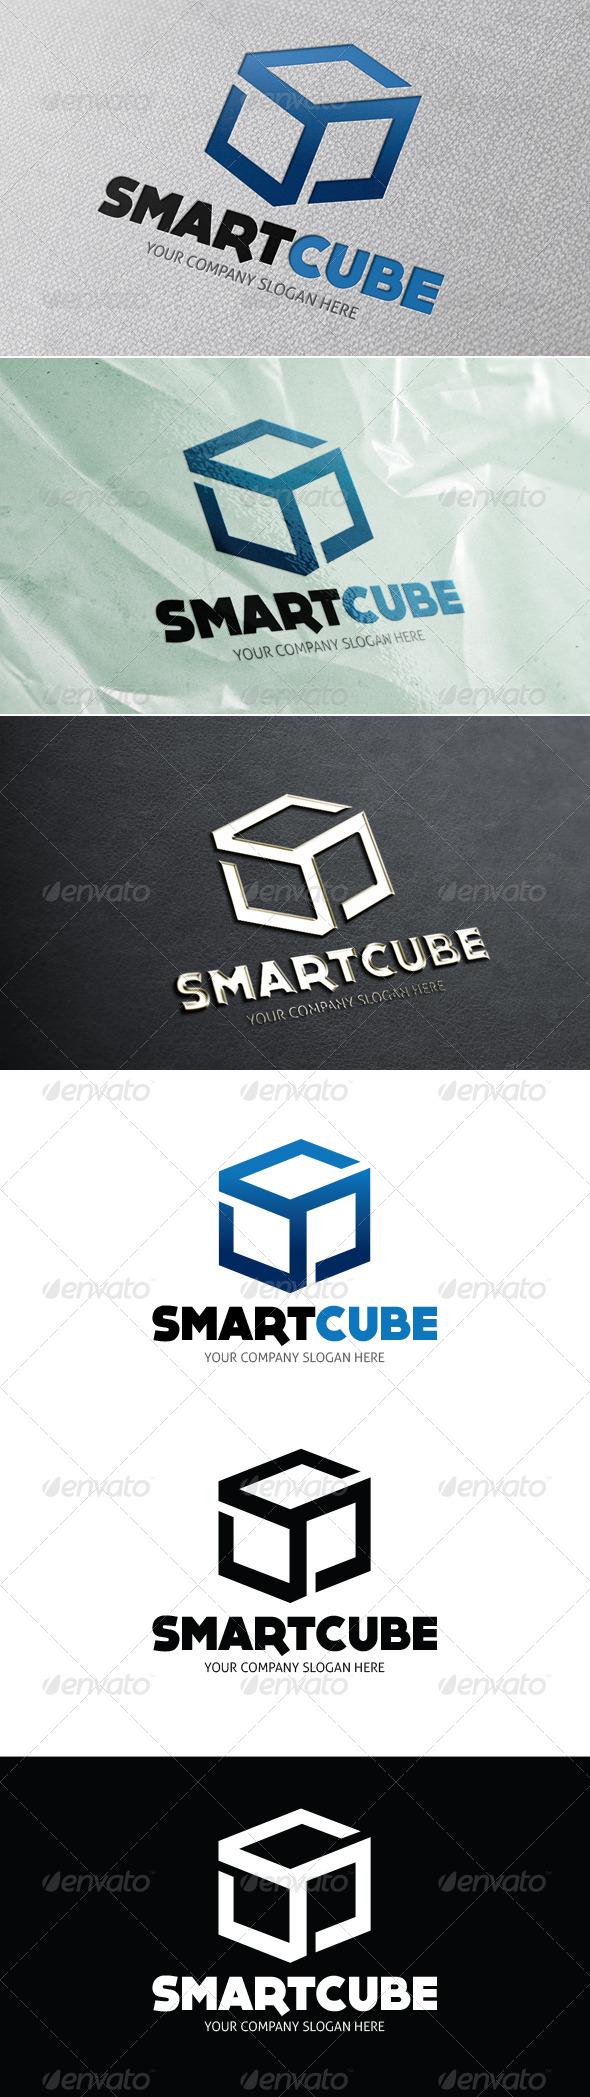 Smart Cube - Symbols Logo Templates